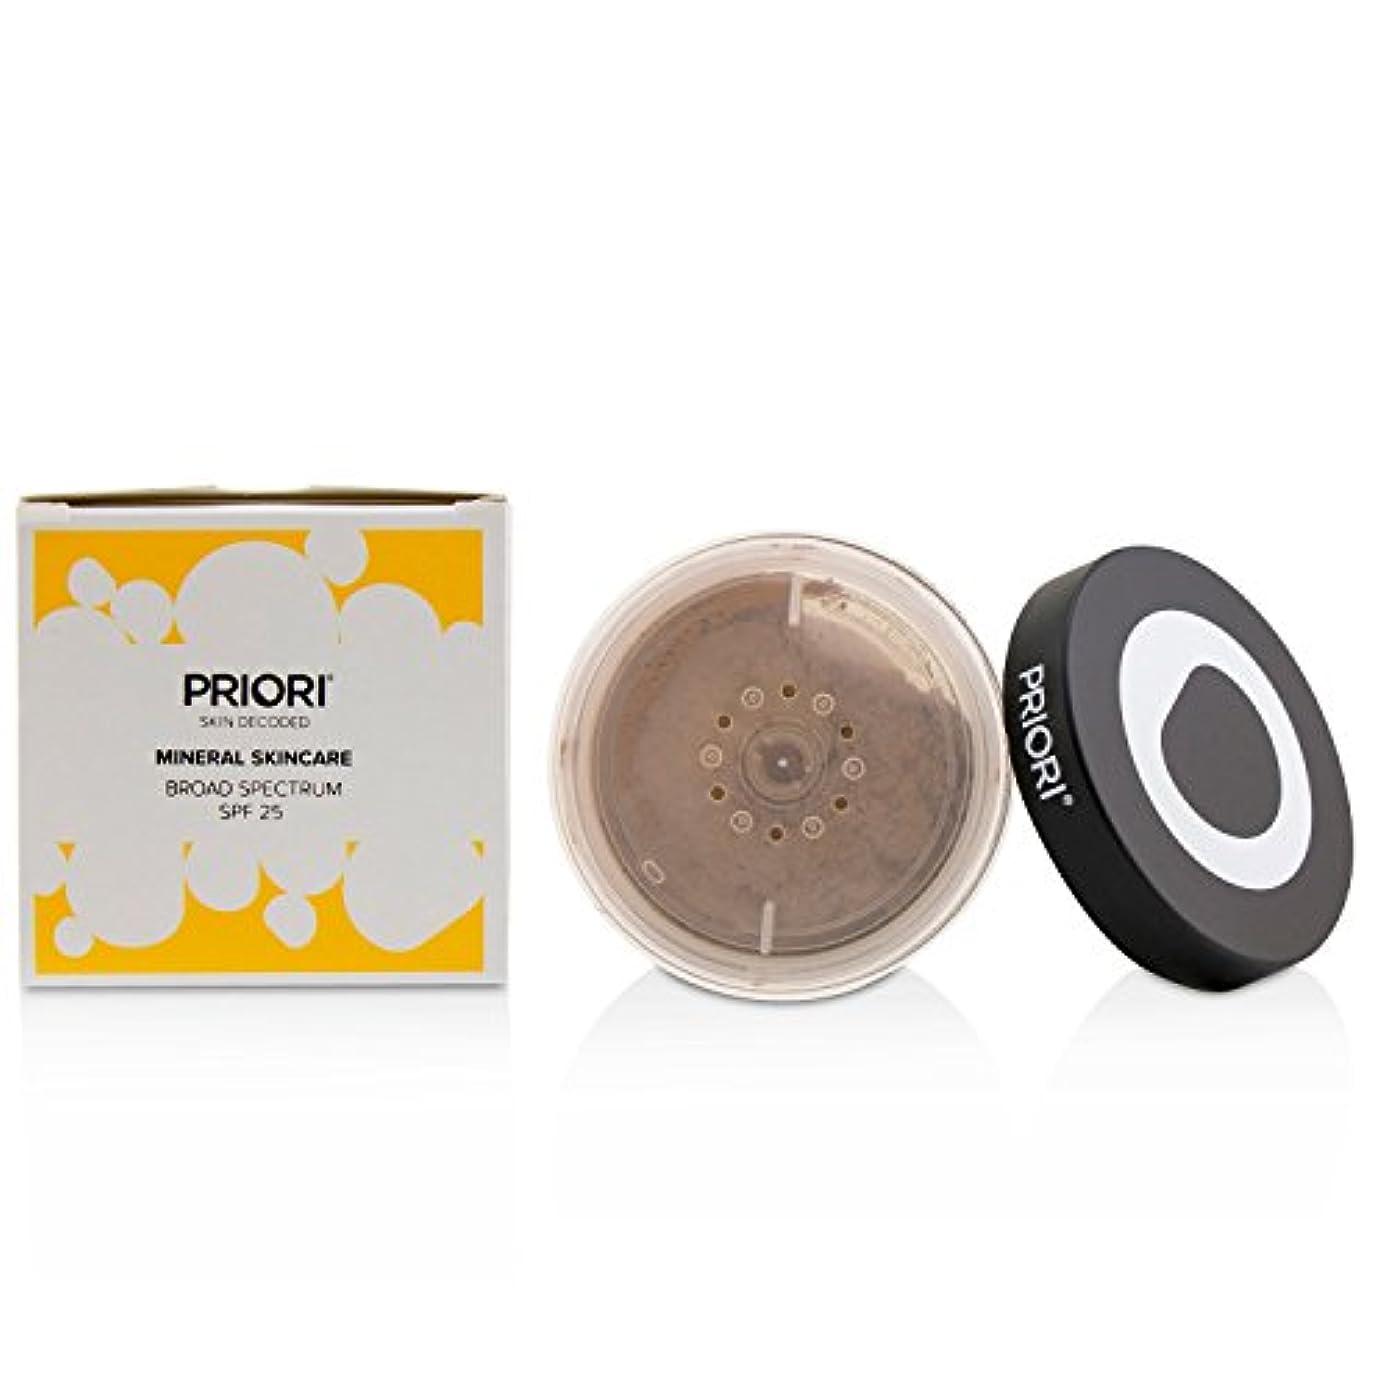 クリア生活否認するプリオリ Mineral Skincare Broad Spectrum SPF25 - # Shade 5 5g/0.17oz並行輸入品